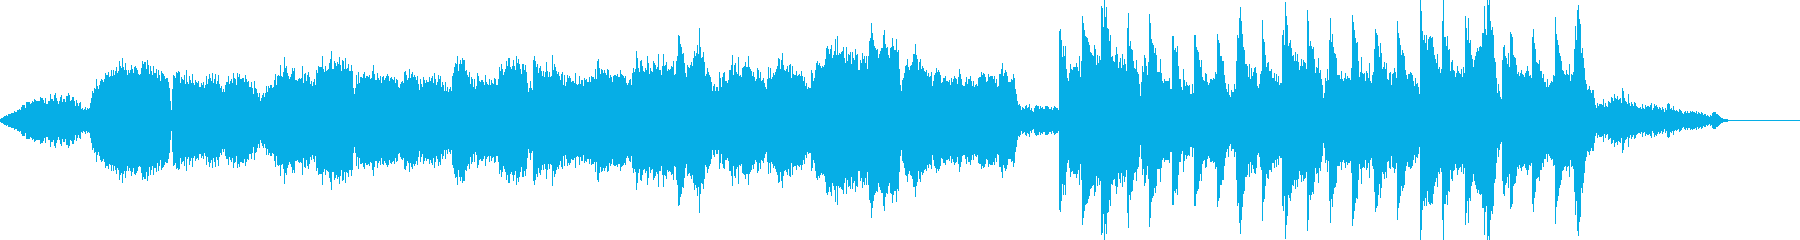 チェロとハープのシリアスな小編成オケの再生済みの波形